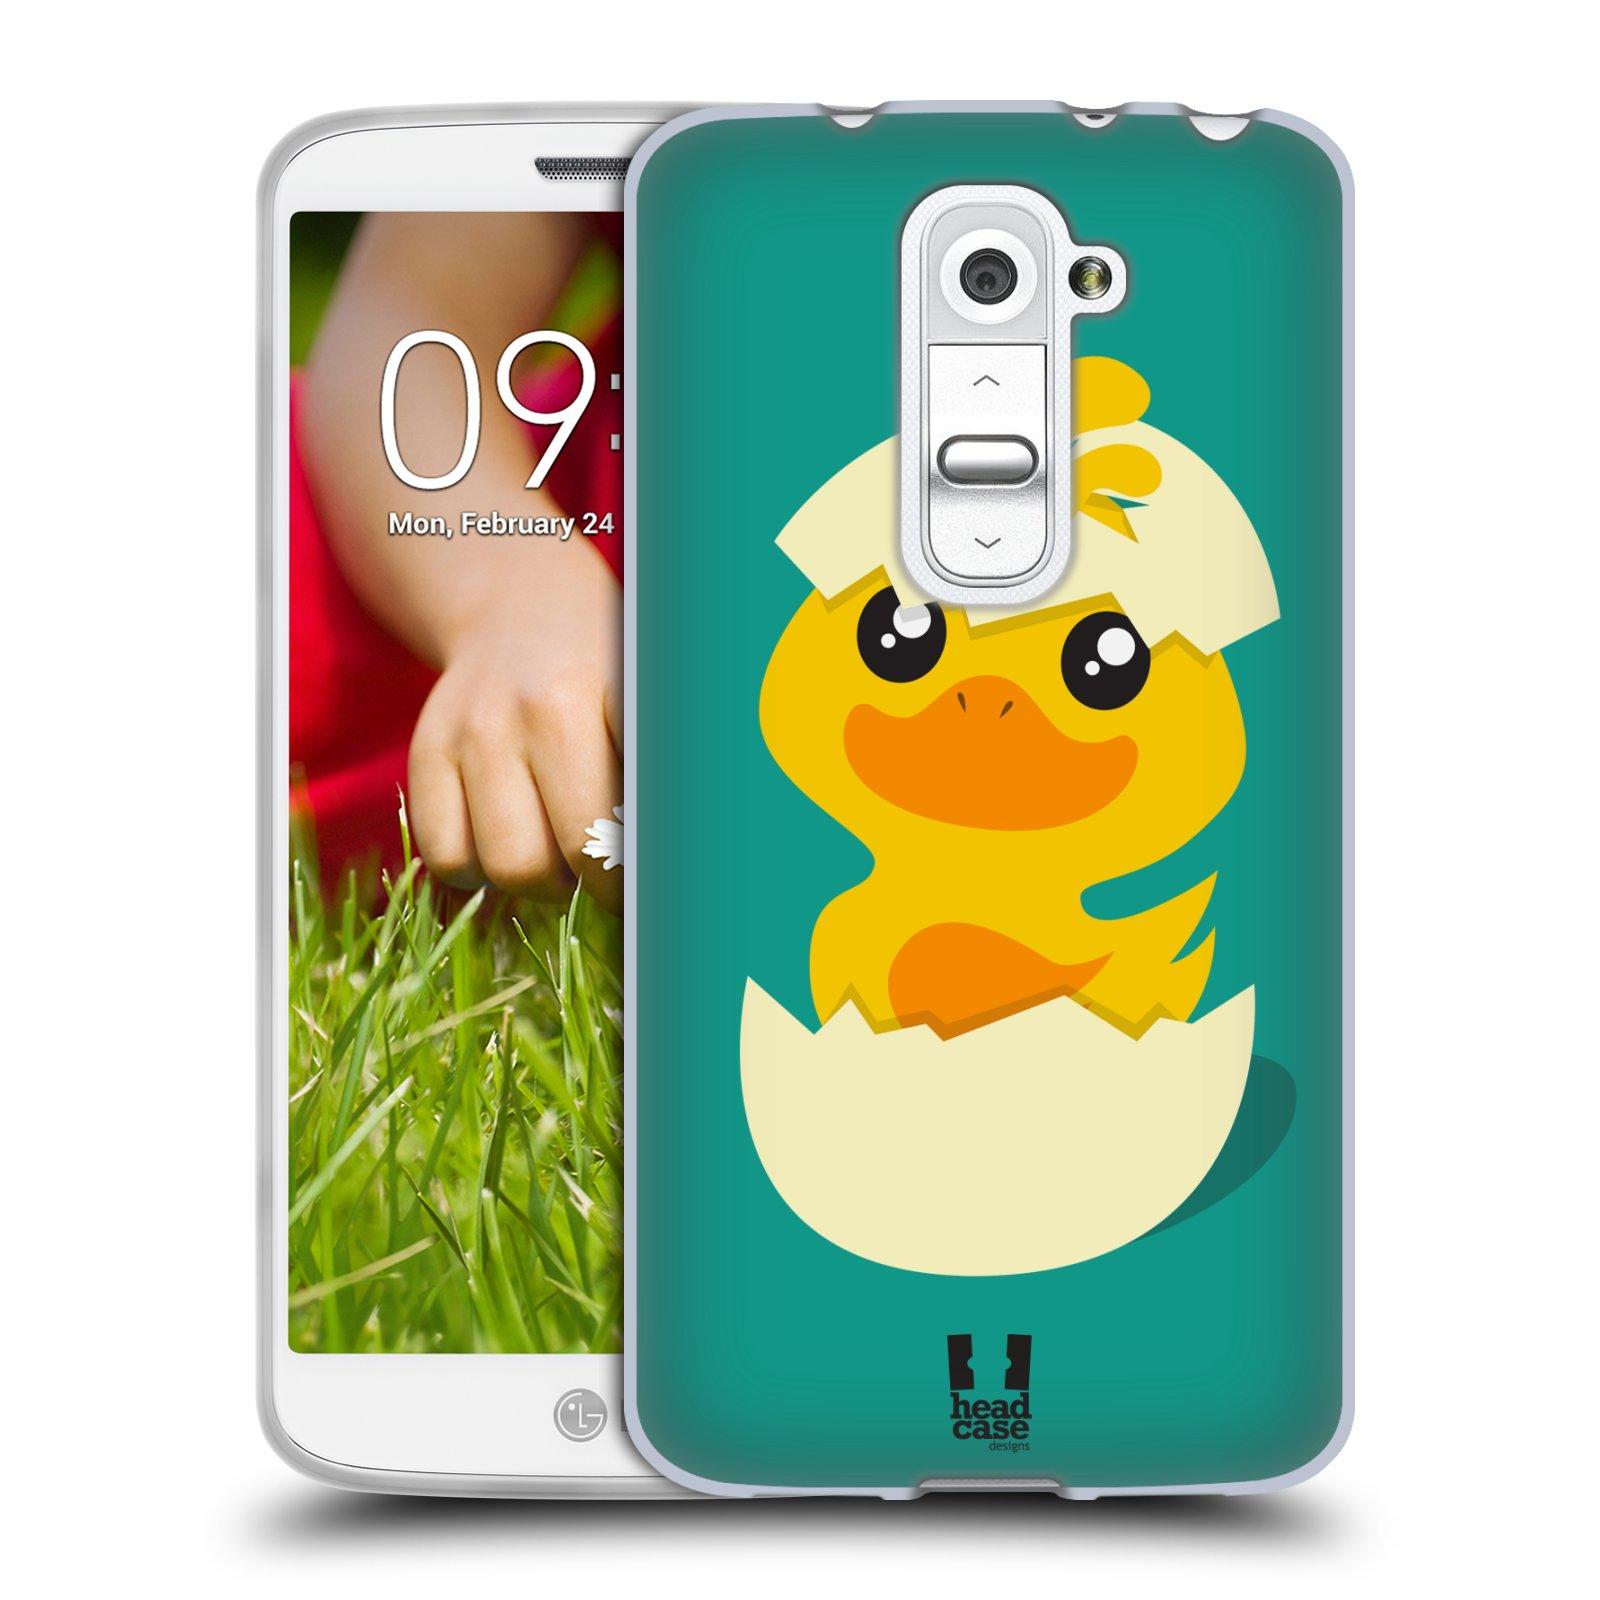 Silikonové pouzdro na mobil LG G2 Mini HEAD CASE KACHNIČKA Z VAJÍČKA (Silikonový kryt či obal na mobilní telefon LG G2 Mini D620)